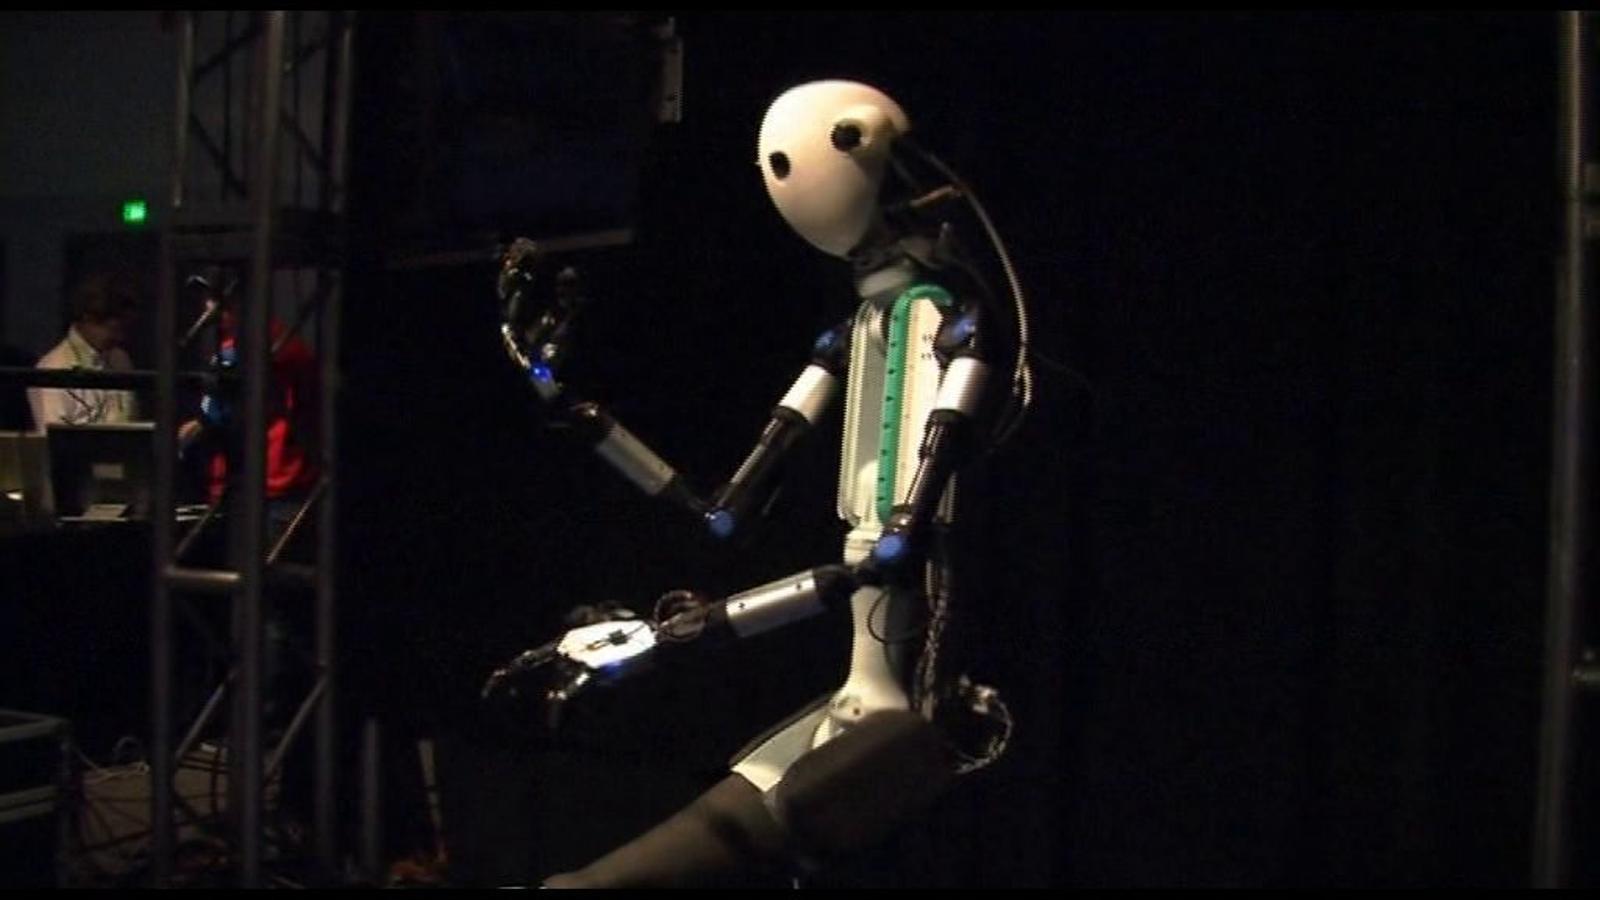 Arrenca el festival de tecnologies emergents a Los Angeles